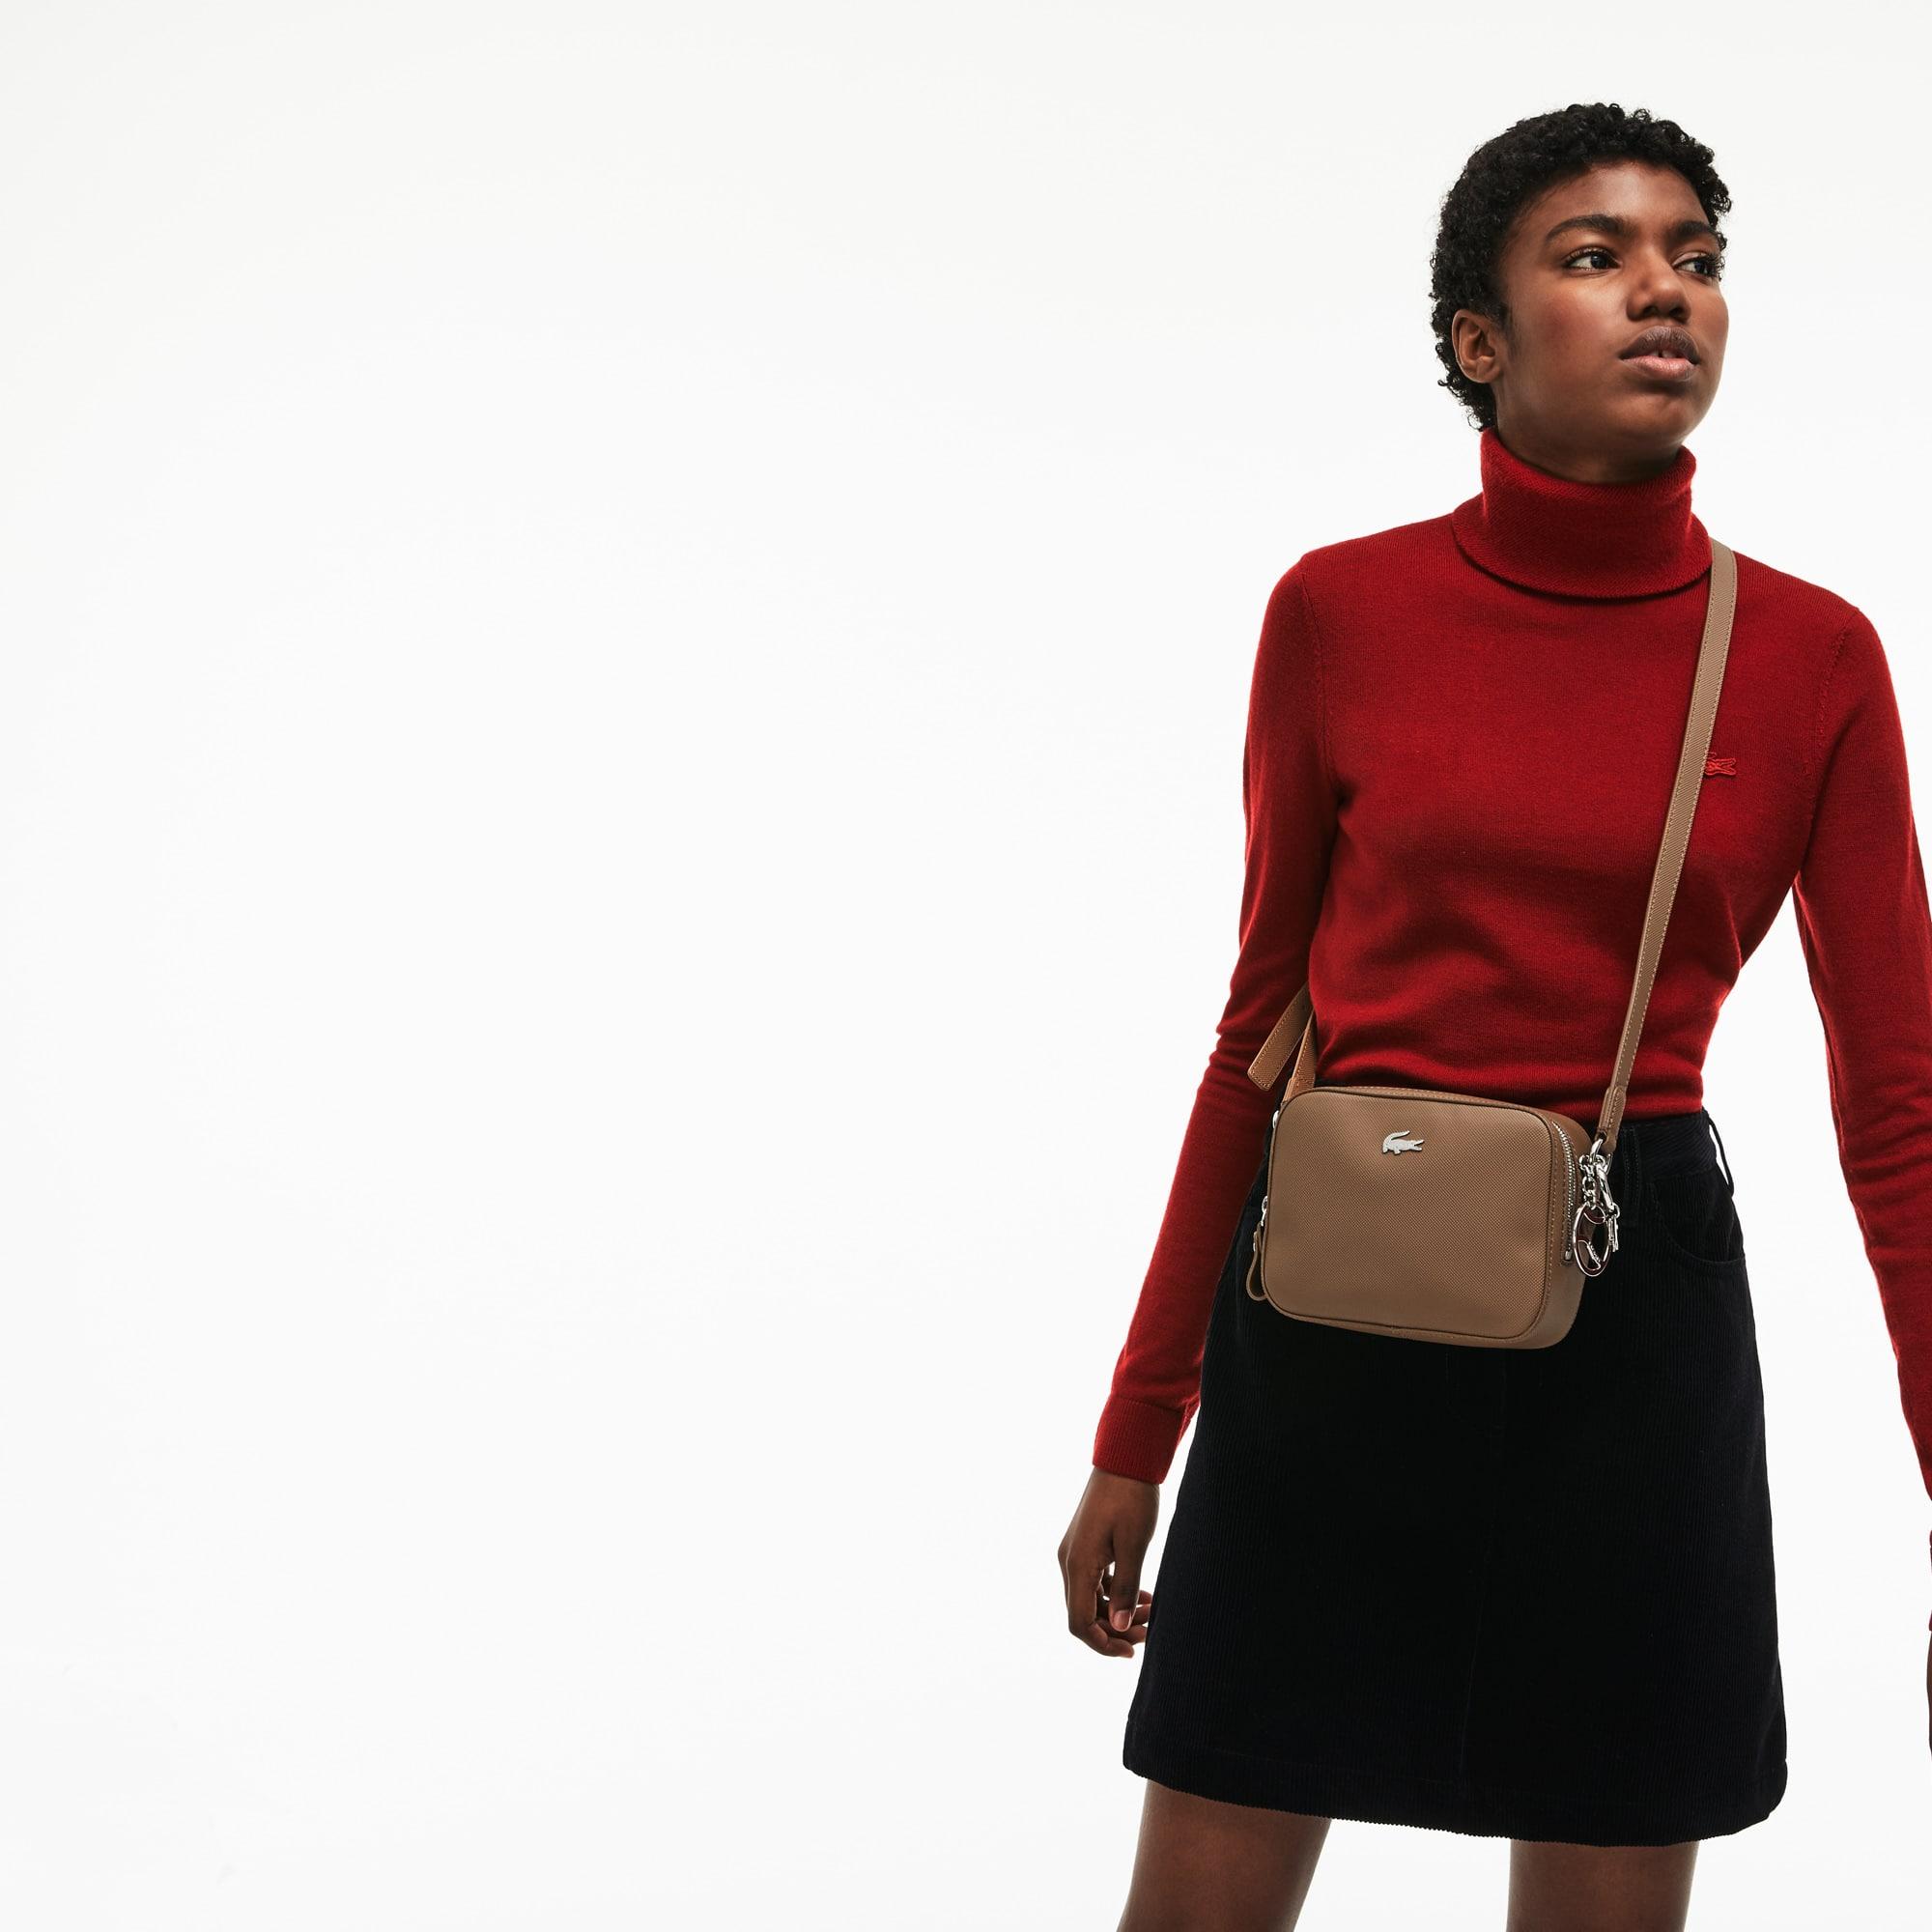 حقيبة بحمَّالة كتف طويلة مربعة الشكل مُصنَّعة من قماش الكنفا المحاك بأسلوب بيكيه من مجموعة Daily Classic للسيدات